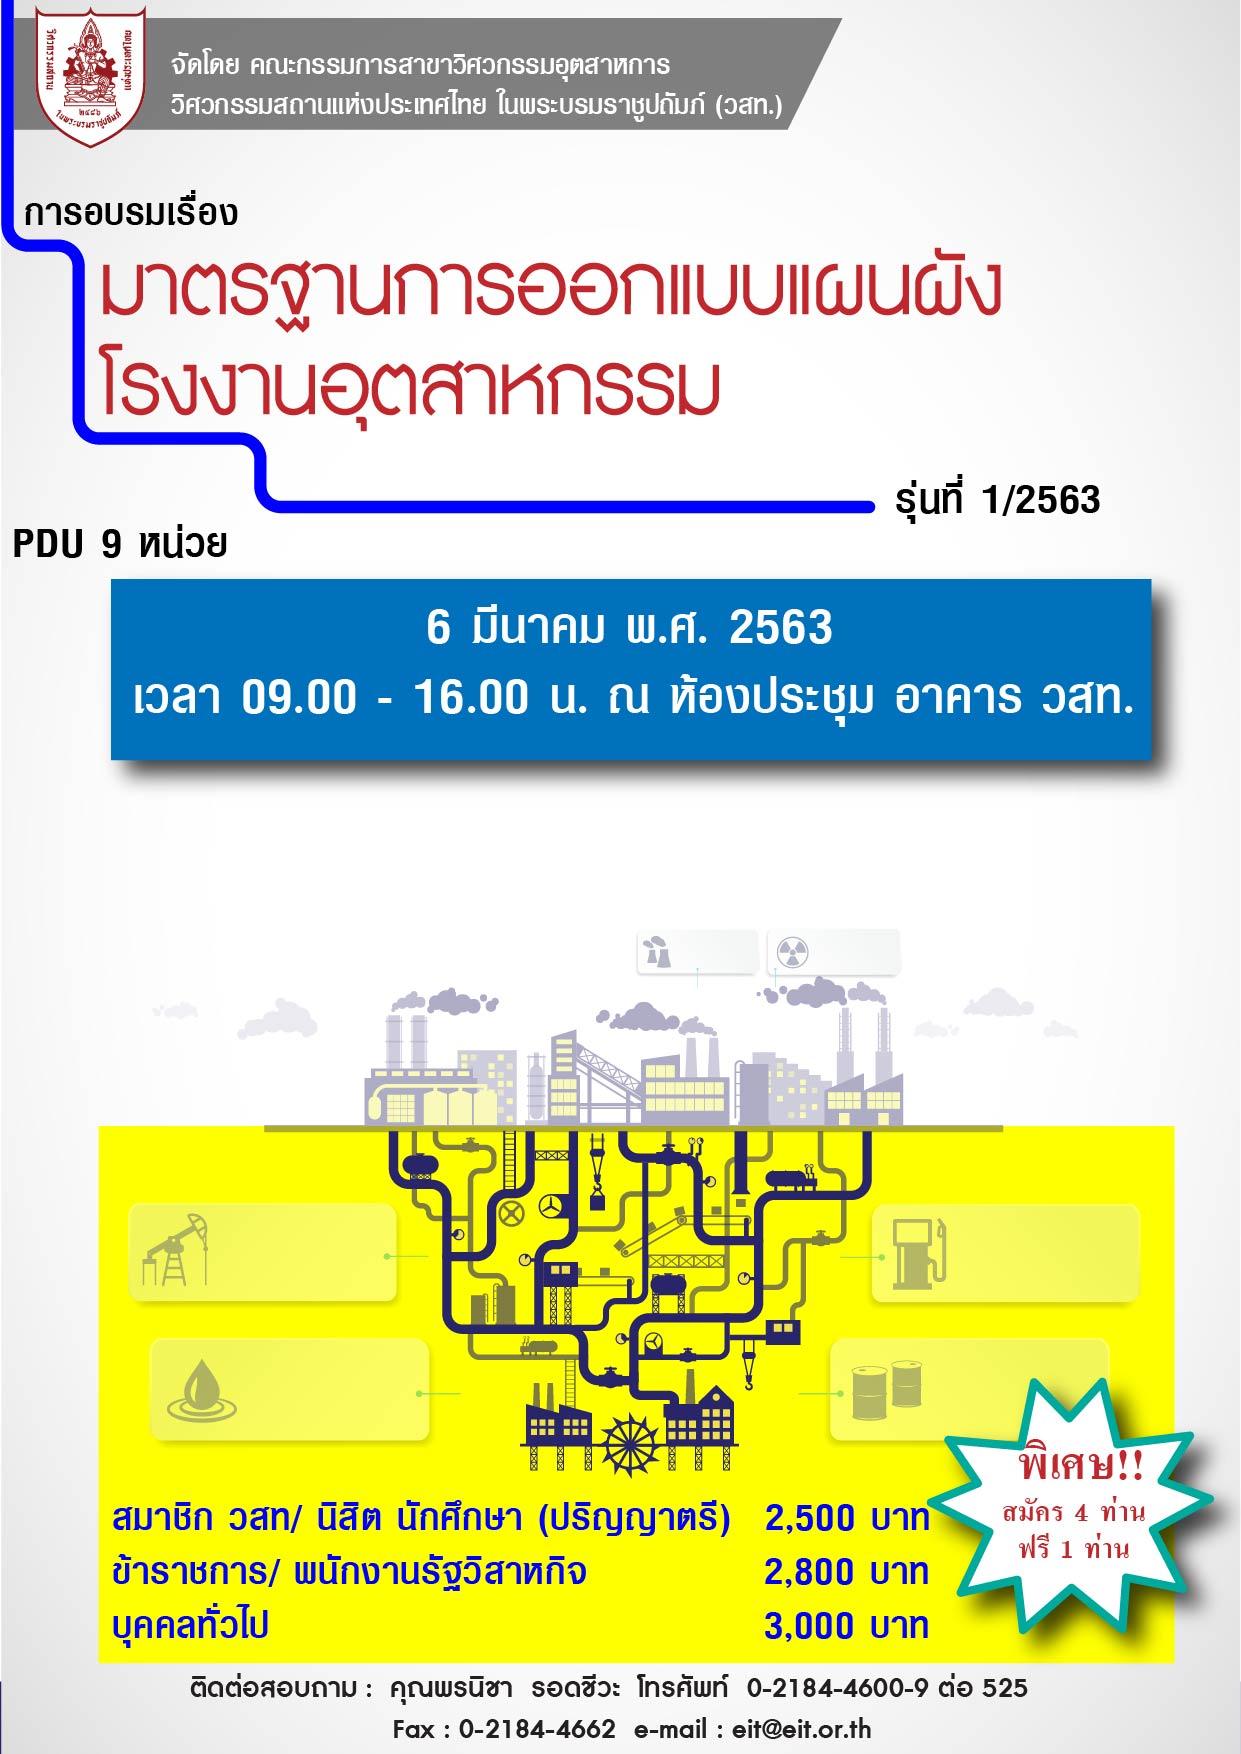 ***ยืนยันการจัดอบรม*** 6/03/2563 มาตรฐานการออกแบบแผนผังโรงงานอุตสาหกรรม รุ่นที่ 3